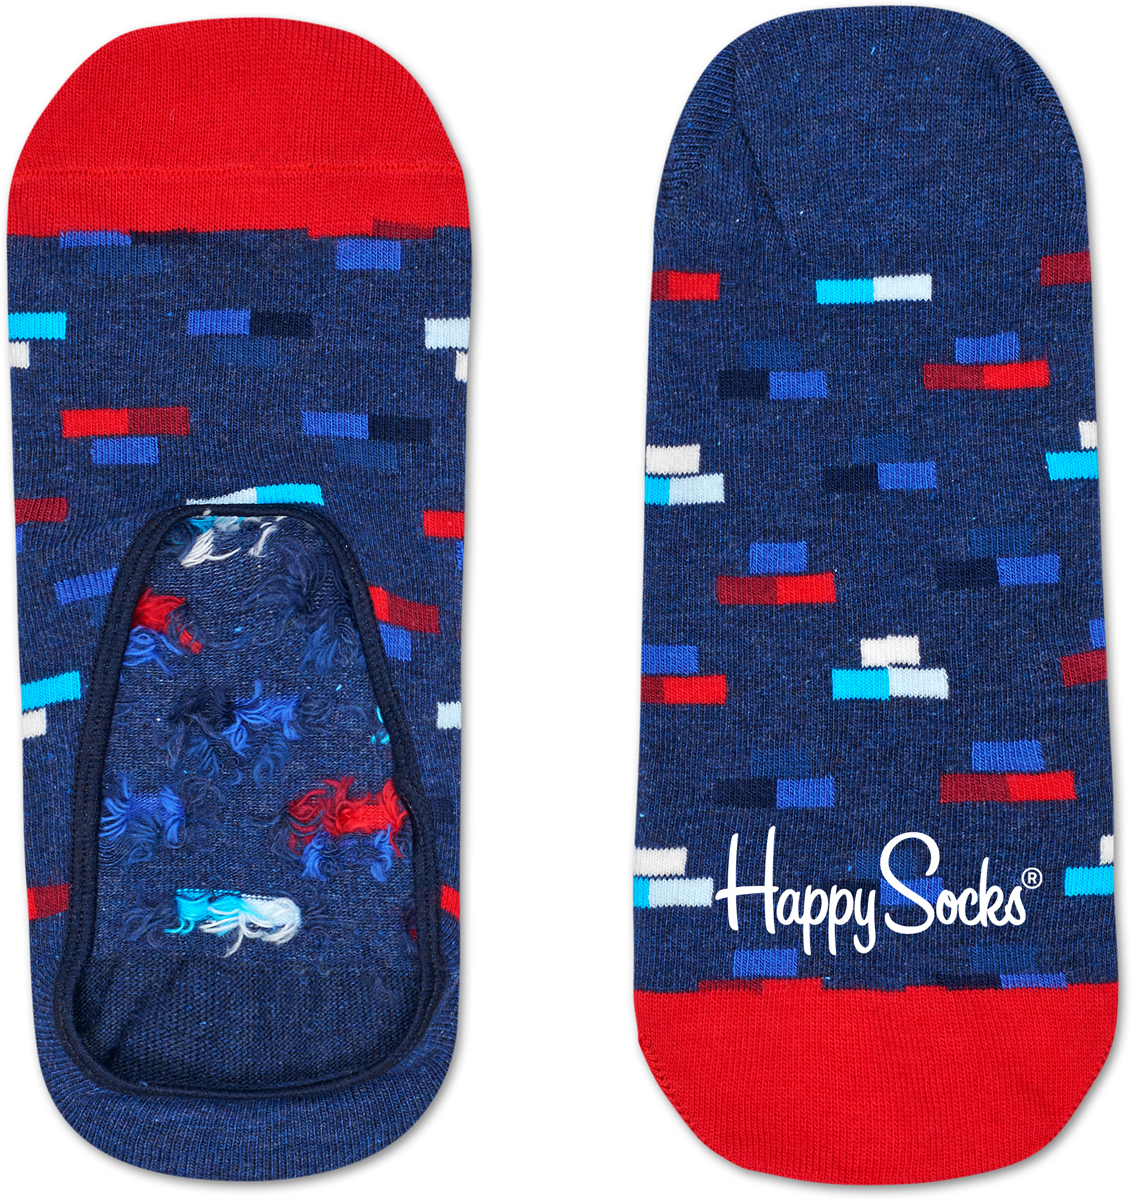 Носки Happy Socks Bricks Liner, цвет: синий, красный. BRI06_6000. Размер 29 (41/46)BRI06_6000Укороченные носки от Happy Socks, изготовленные из высококачественного материала, дополнены принтом. Усиленная пятка и мысок обеспечивают надежность и долговечность.